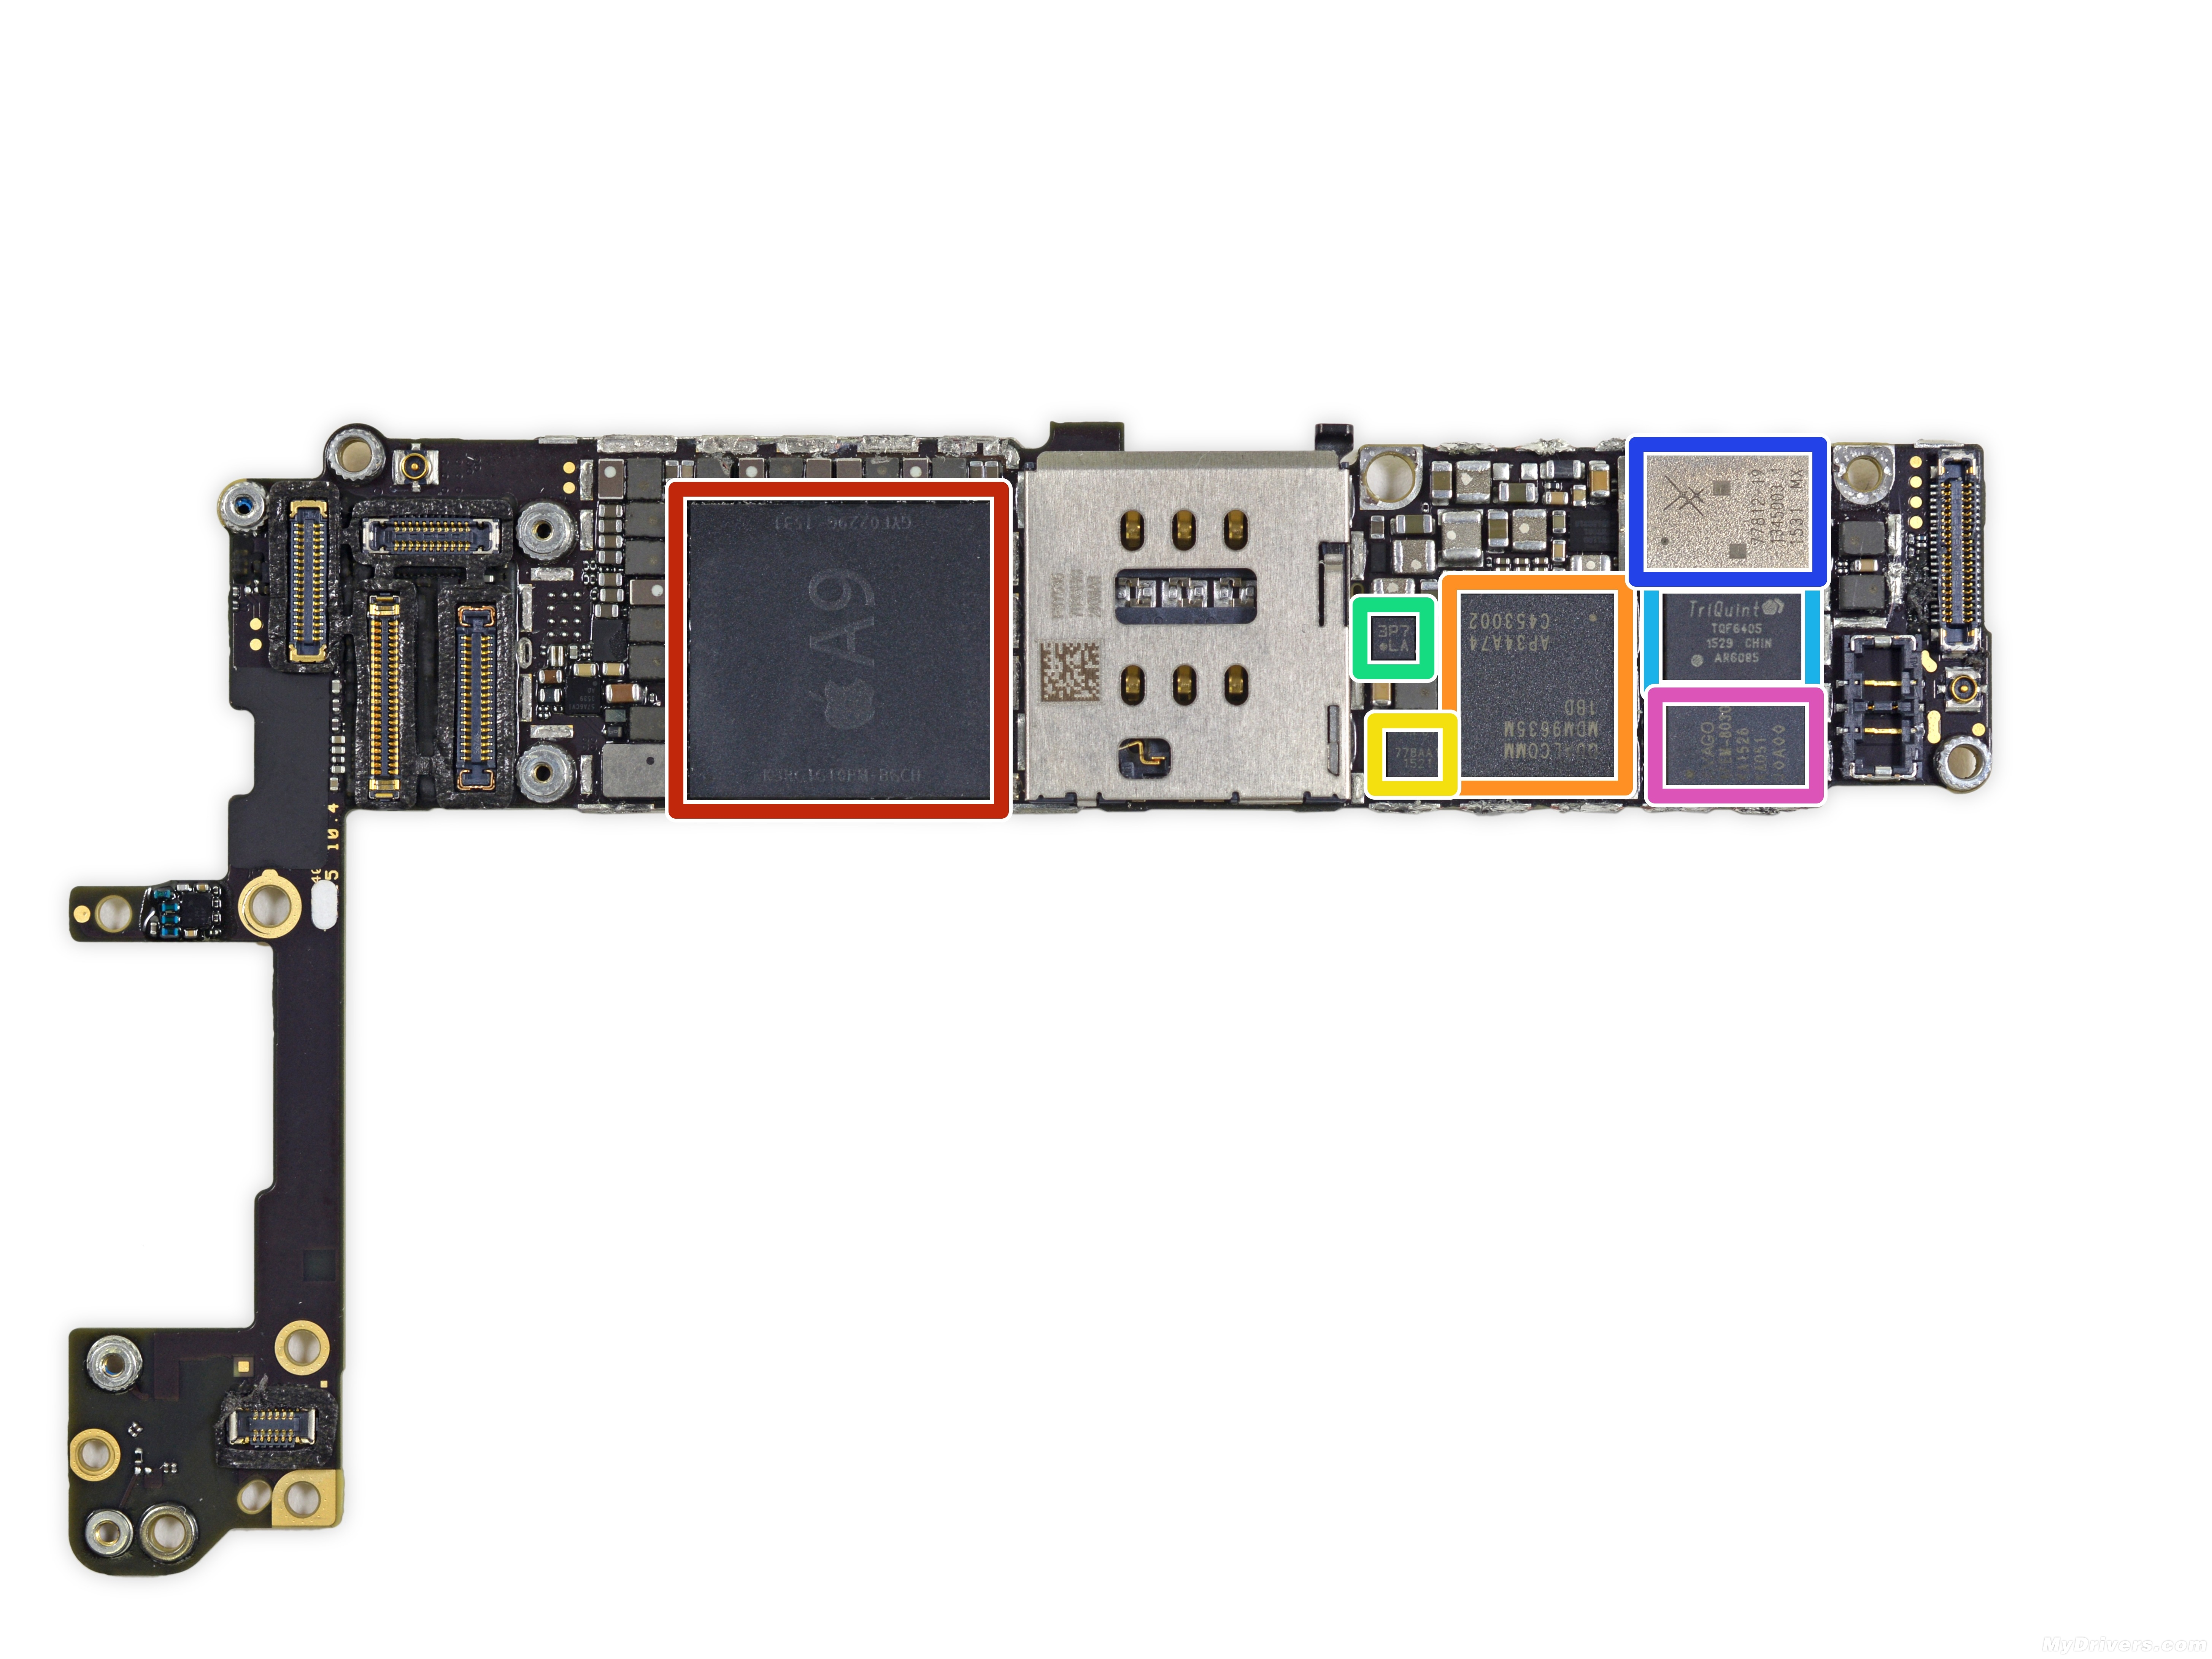 三星t211手机主板芯片图解